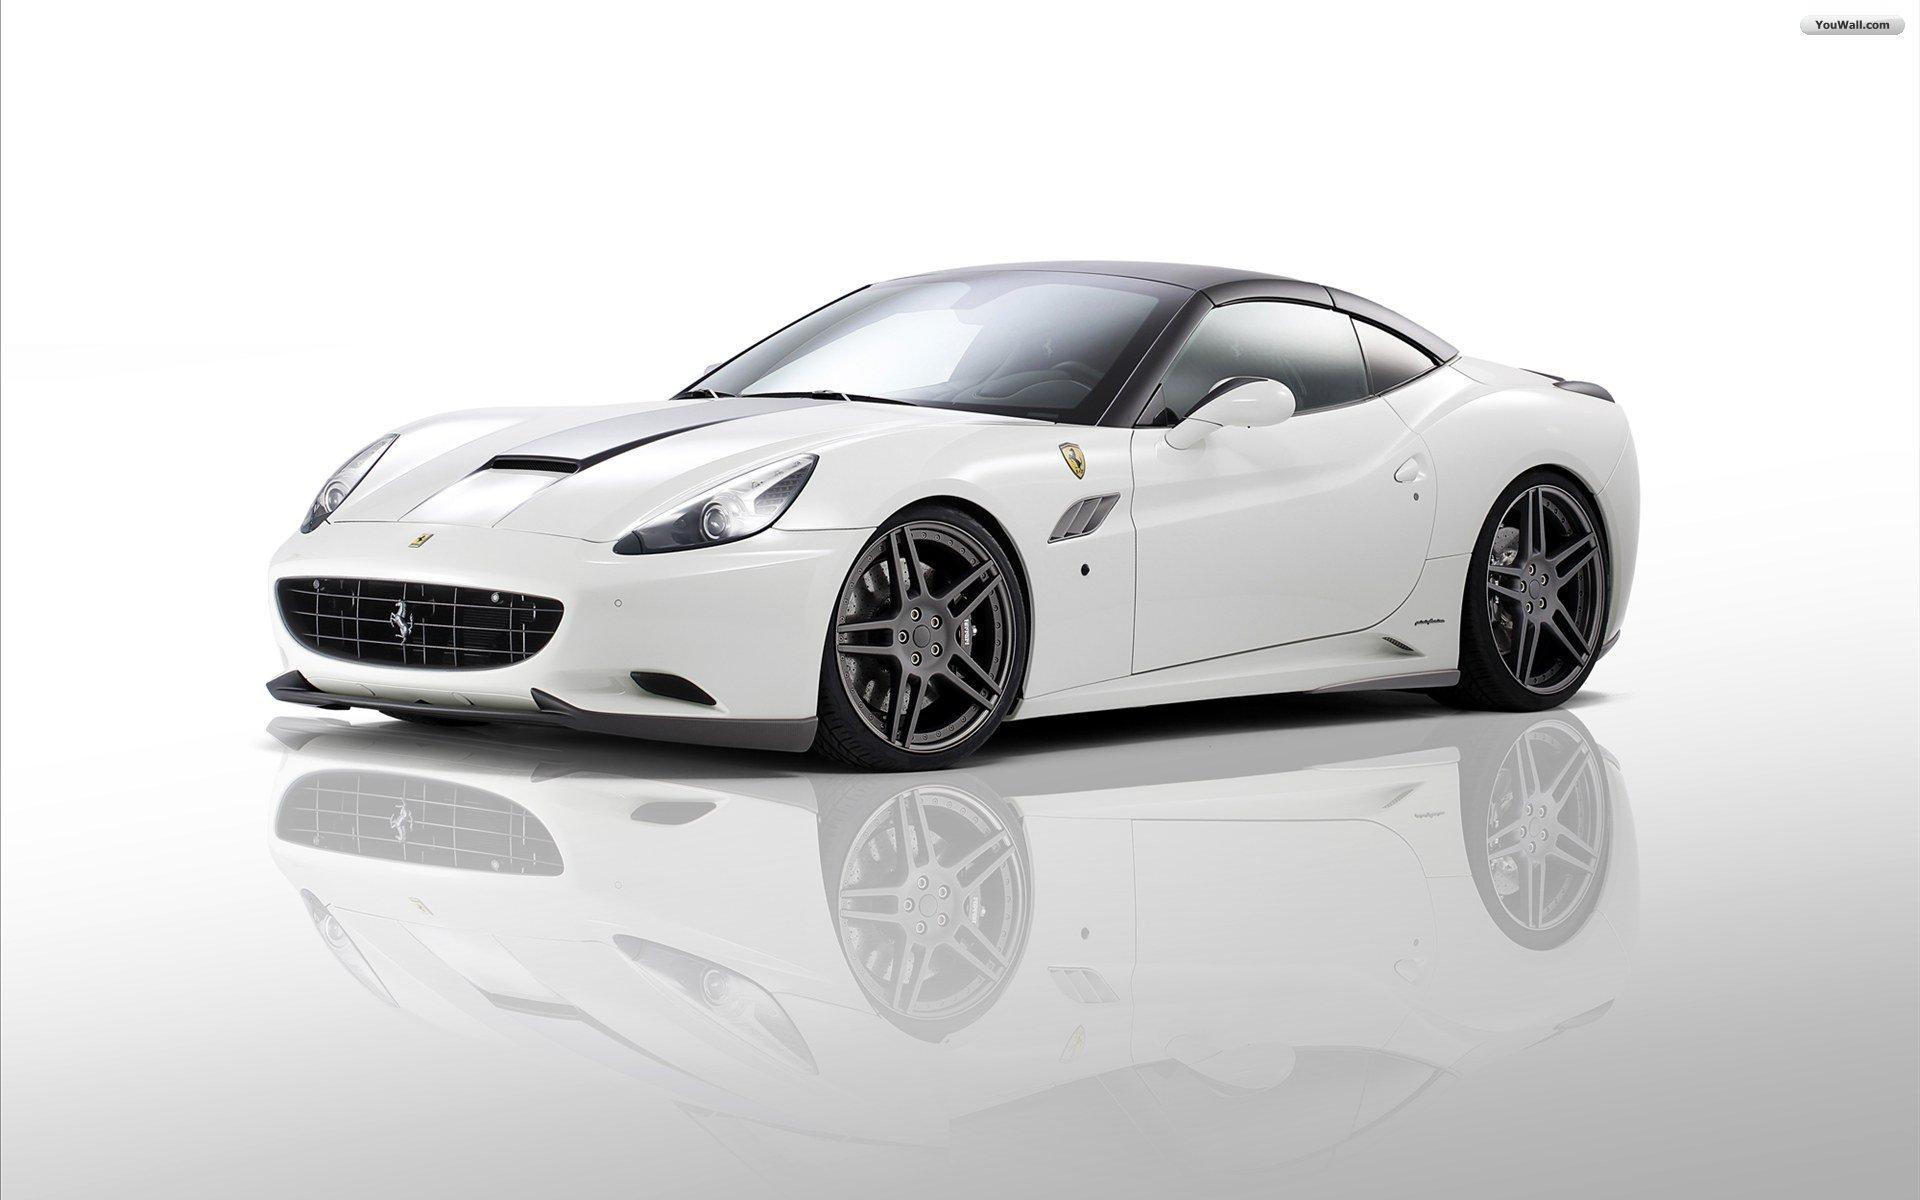 White Ferrari Wallpaper 1920x1200 4190